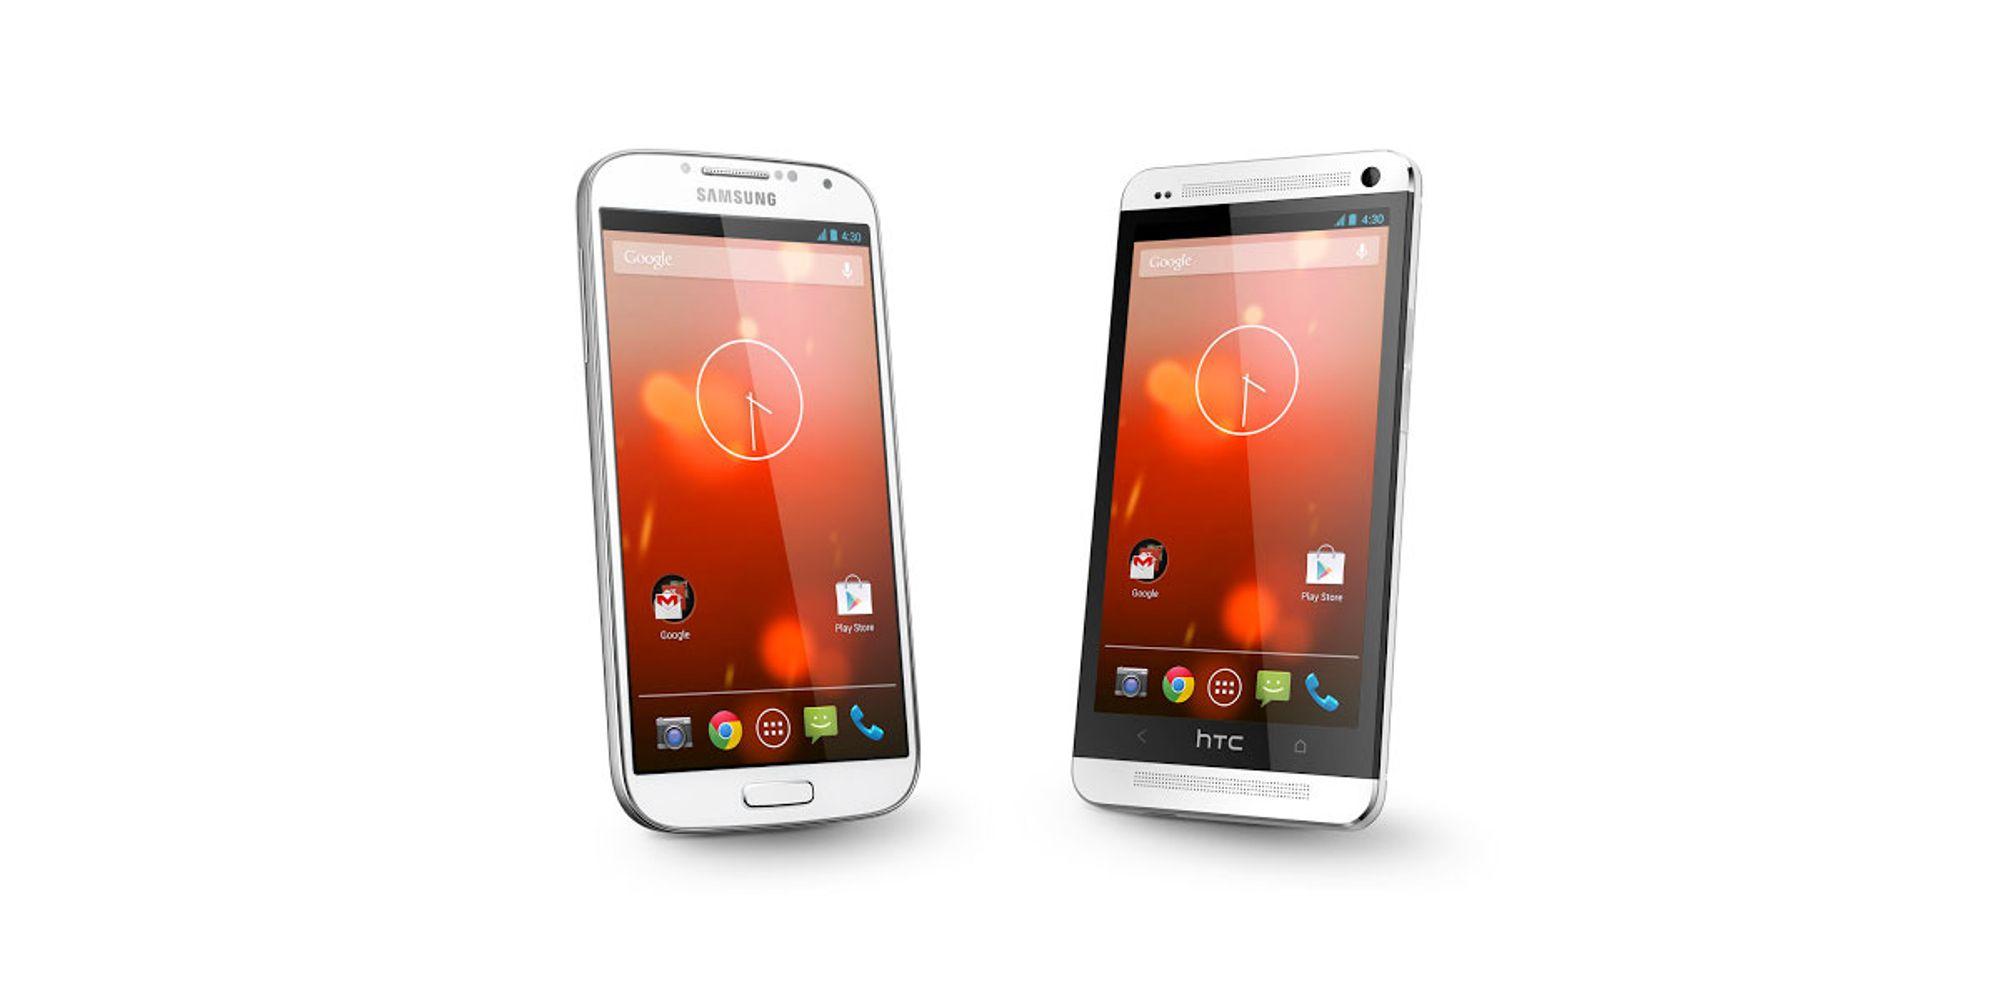 Slik er de rene android flaggskipene - Er finestra android ...